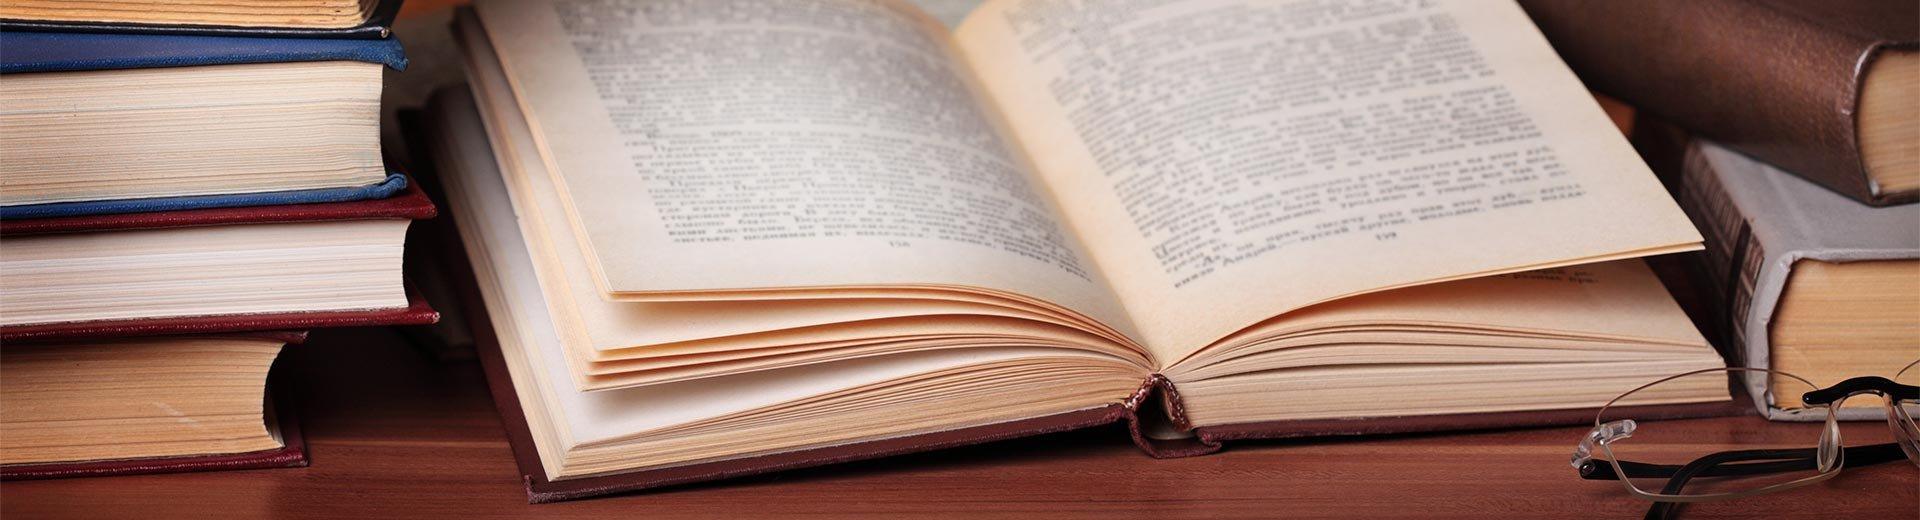 Okładka artykułu Anatomia pisma i wybór kroju dziełowego — Jak budowa fontu wpływa na jego czytelność?